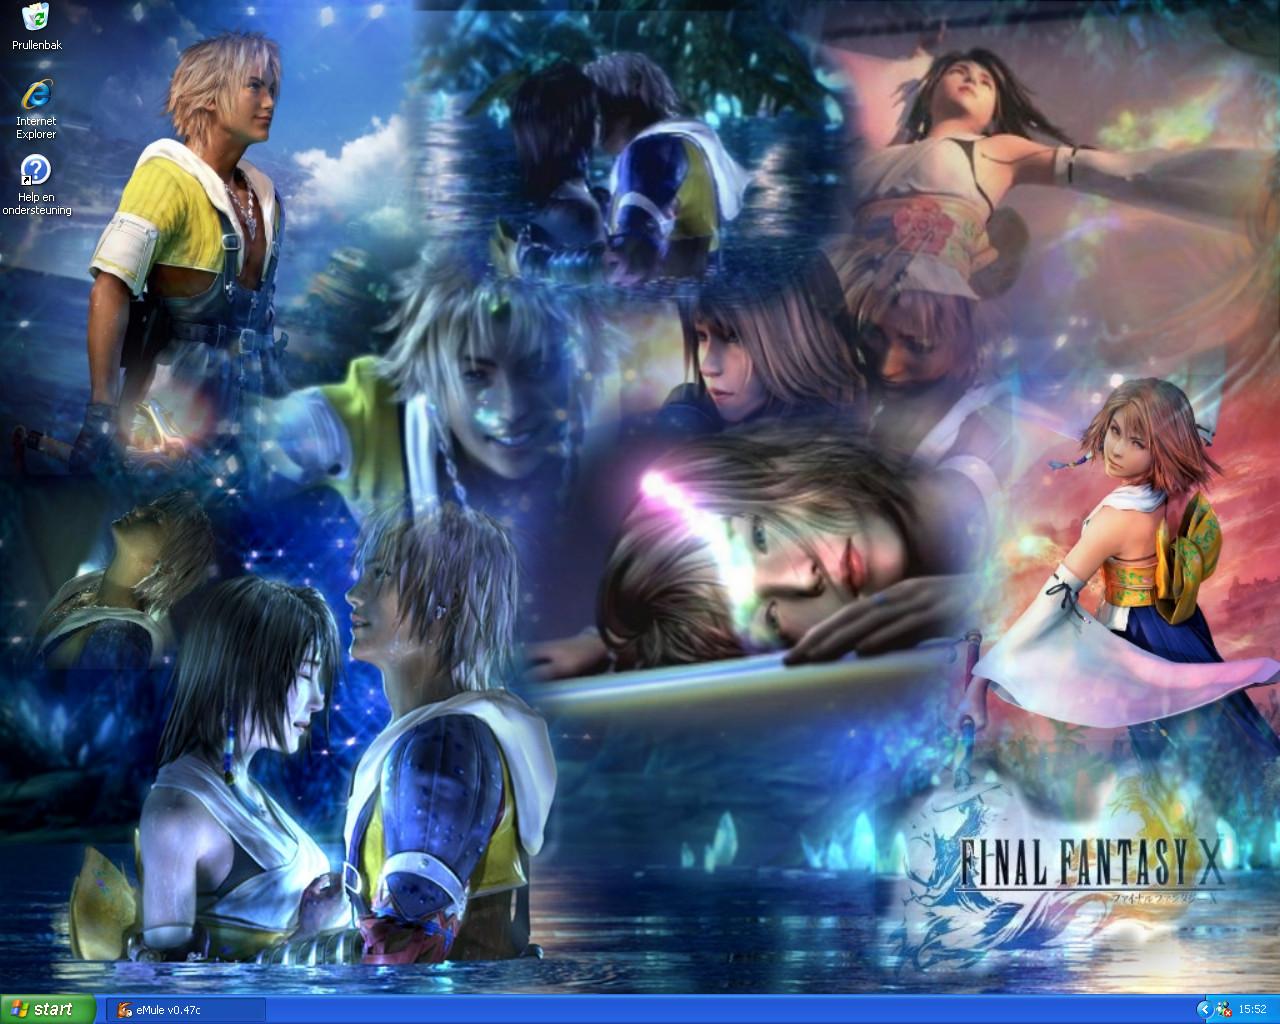 http://4.bp.blogspot.com/-TfB1ty2cXrU/T9qagH4PQTI/AAAAAAAAApM/KOz5AxX5WDc/s1600/Fantasy-Wallpaper-23.jpg